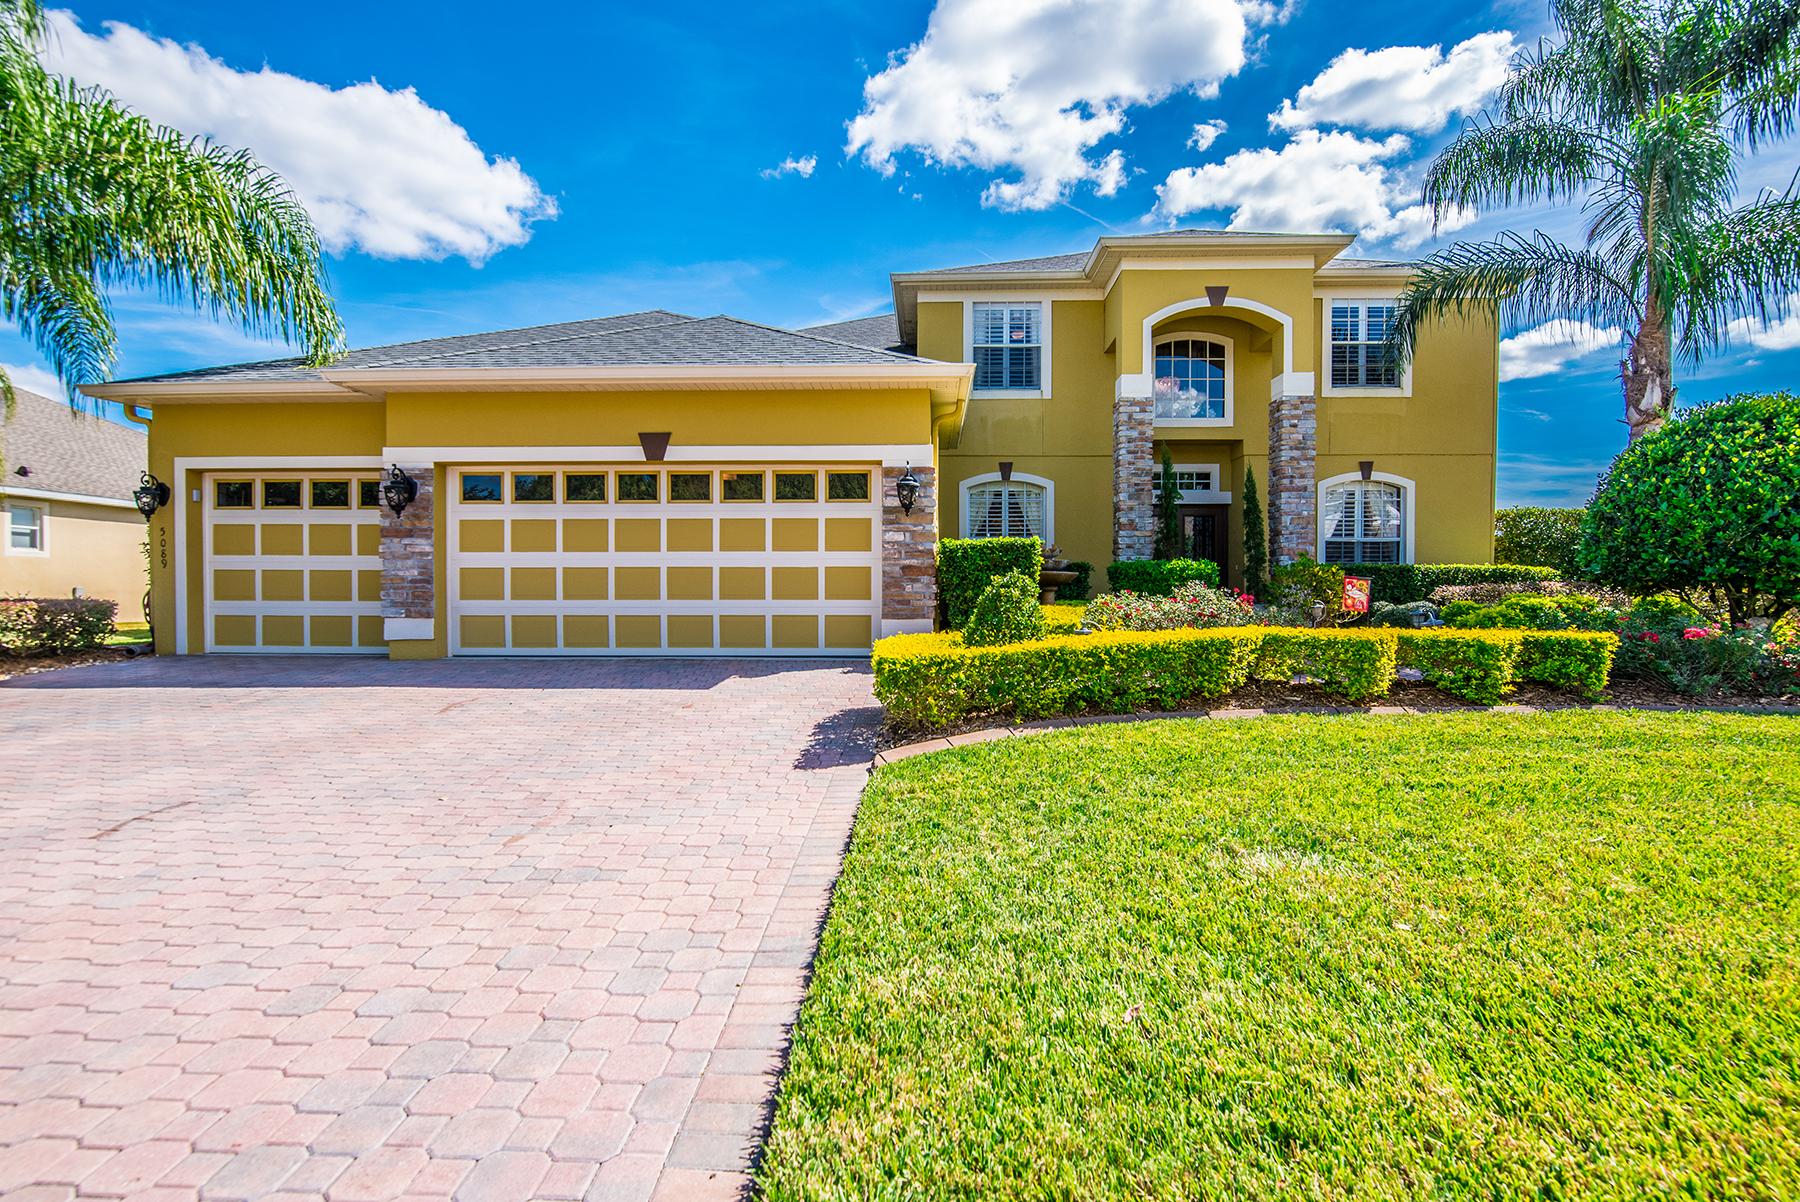 Moradia para Venda às ORLANDO - SANFORD 5089 Hawks Hammock Way Sanford, Florida, 32771 Estados Unidos